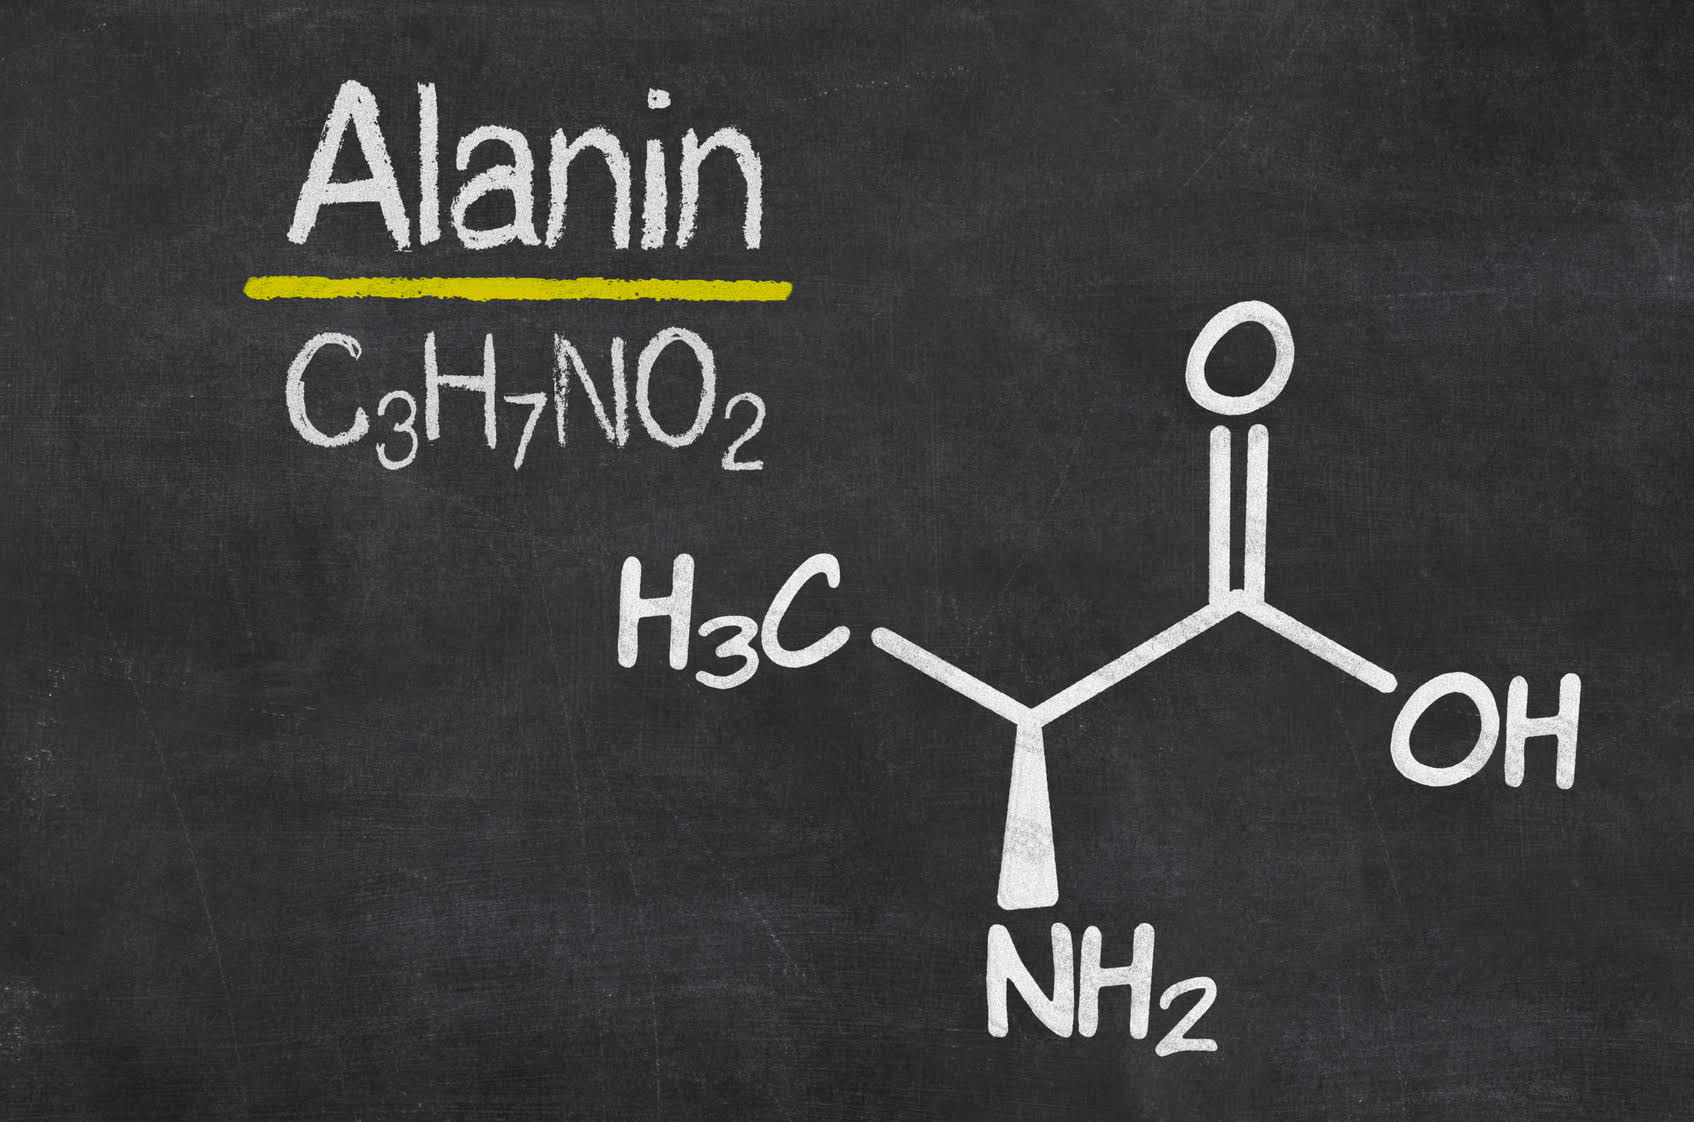 L-Alanin - Formel, Wirkung, Nebenwirkungen, Dosierung